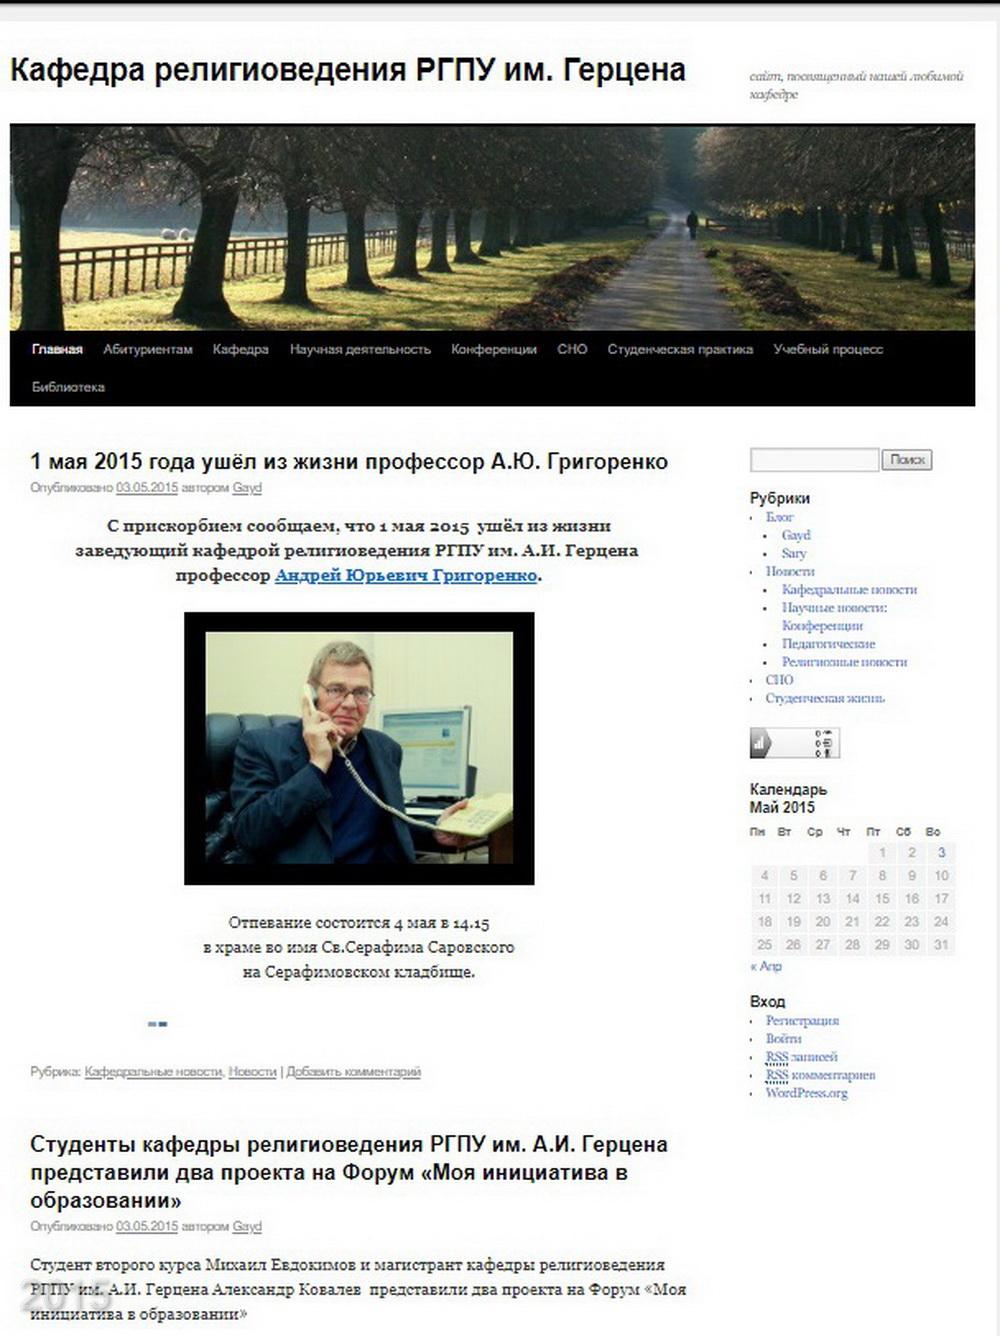 Главная страница. Скрин старого сайта кафедрытрелигиоведения (2015 г)